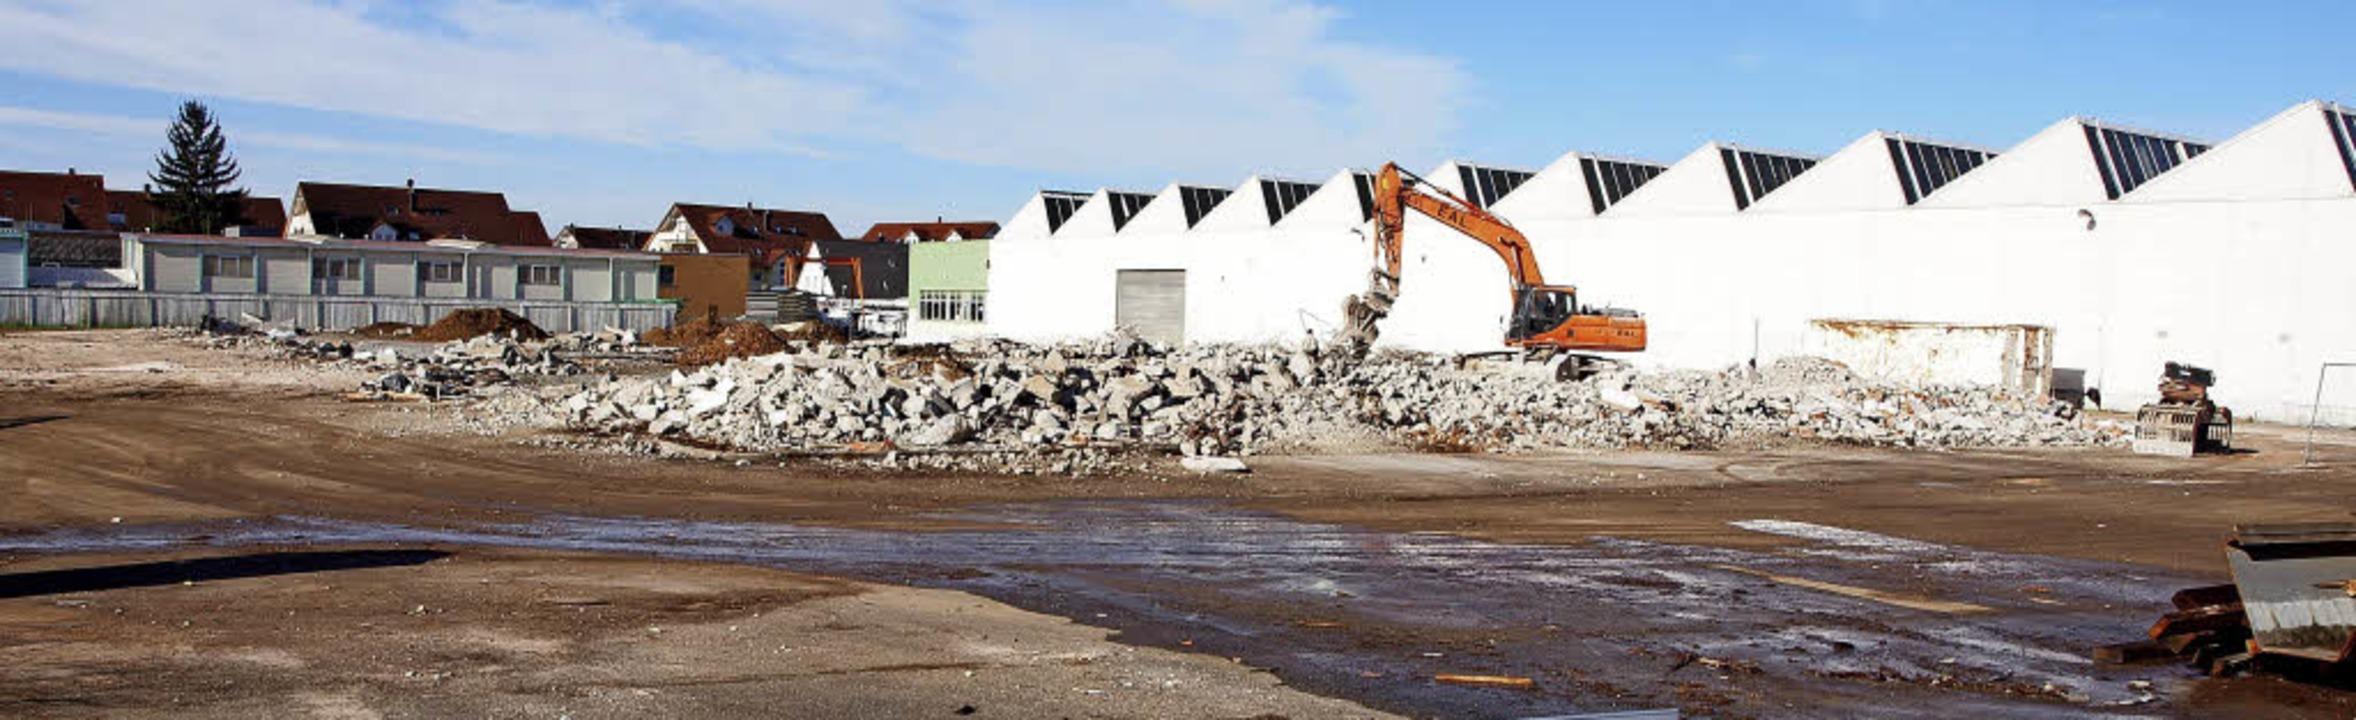 Die Industriehallen der früheren Firma...tz sollen fünf Wohngebäude entstehen.     Foto: Michael Haberer